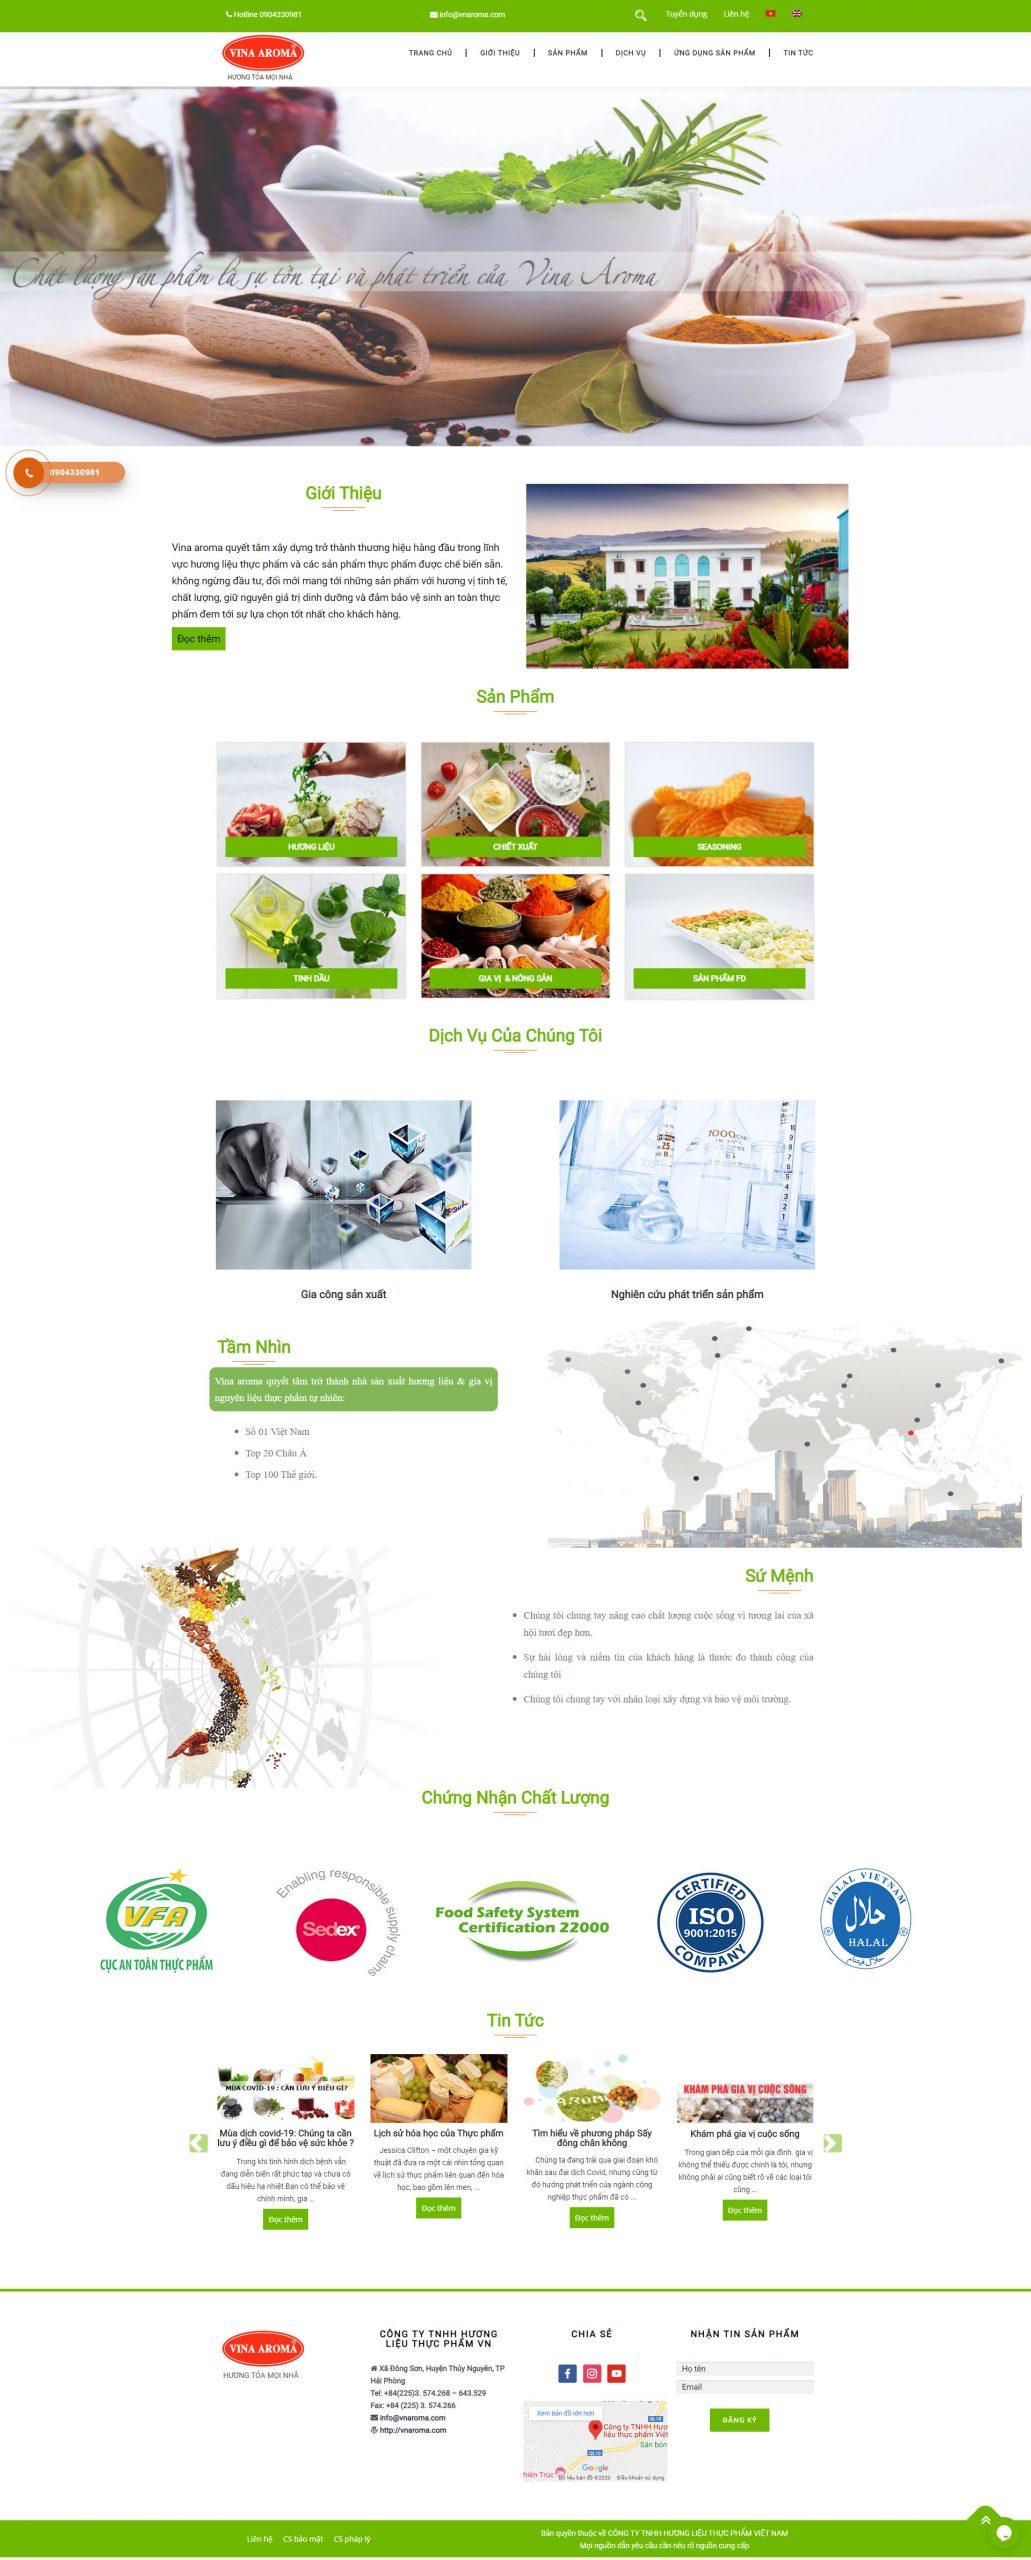 Giao diện mẫu thiết kế website công ty